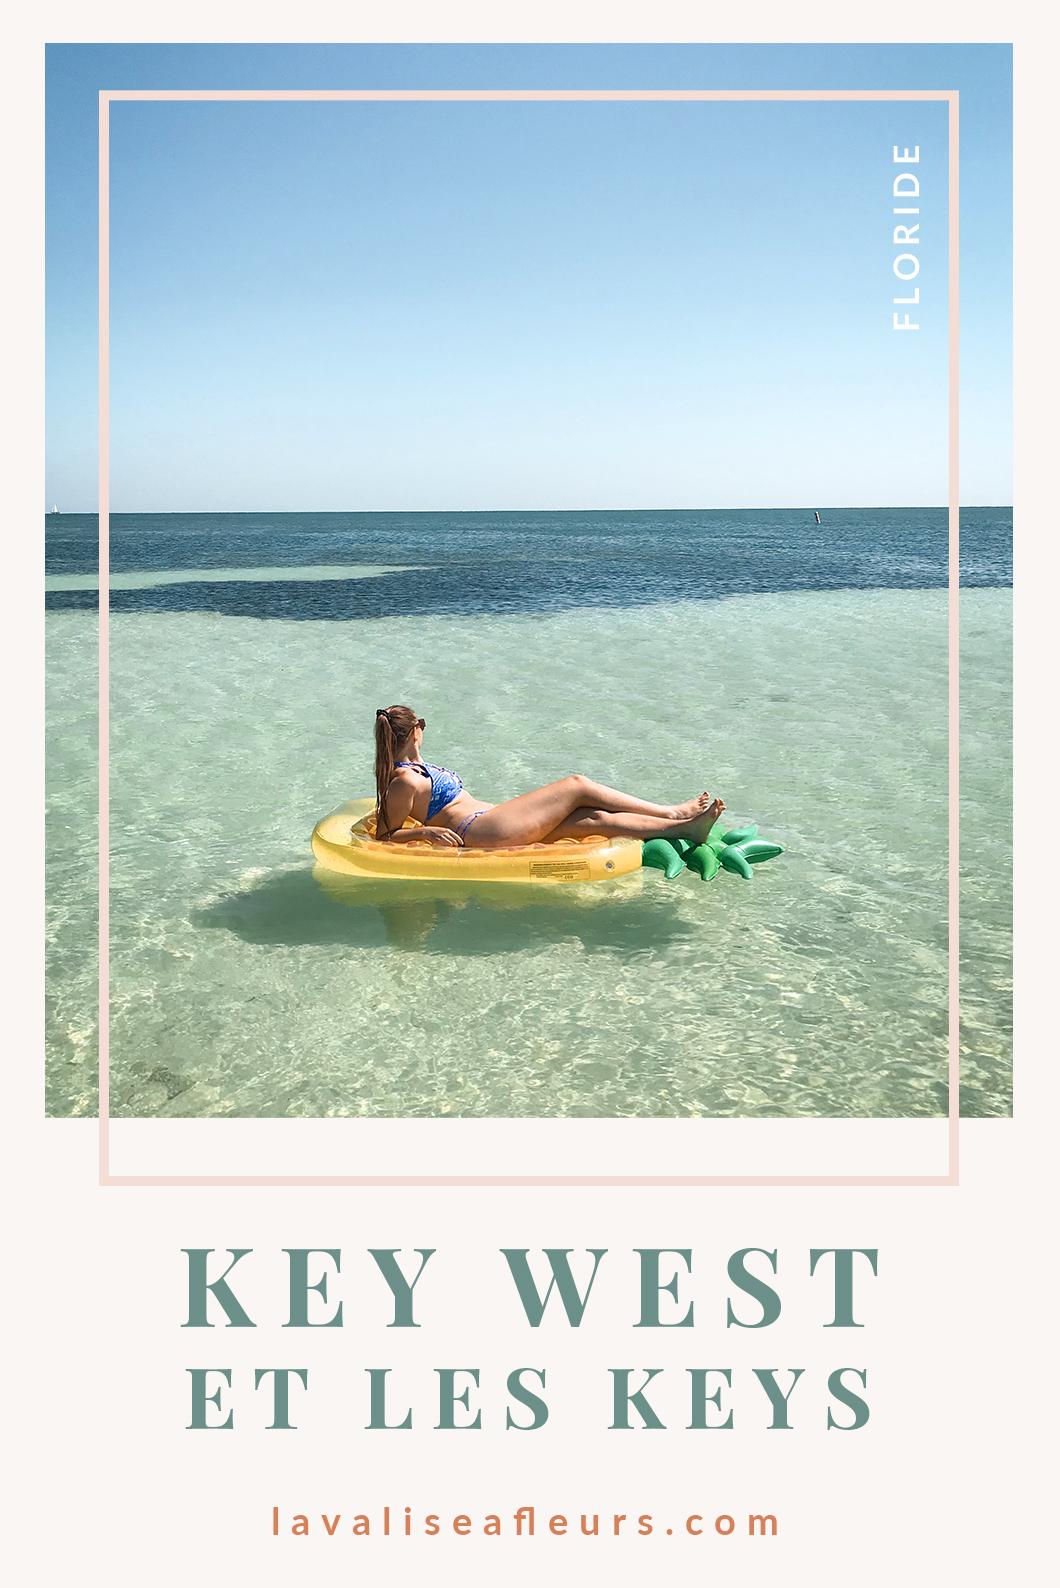 Visiter Key West et les Keys